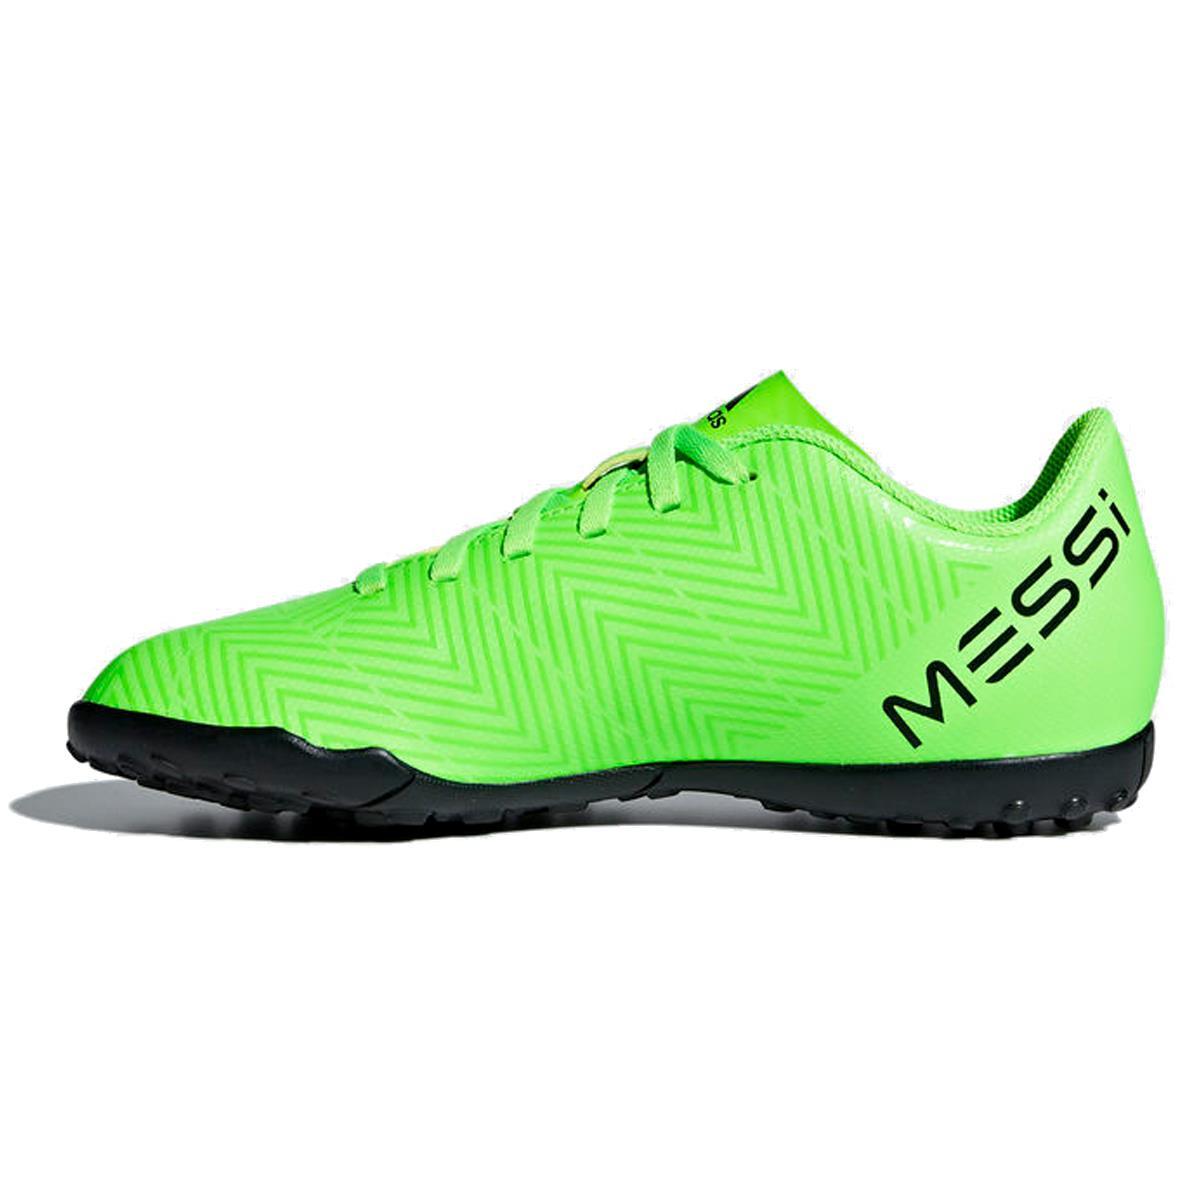 2174729ded Chuteira Society Adidas Nemeziz Messi Tango 18.4 Infantil Verde Limão